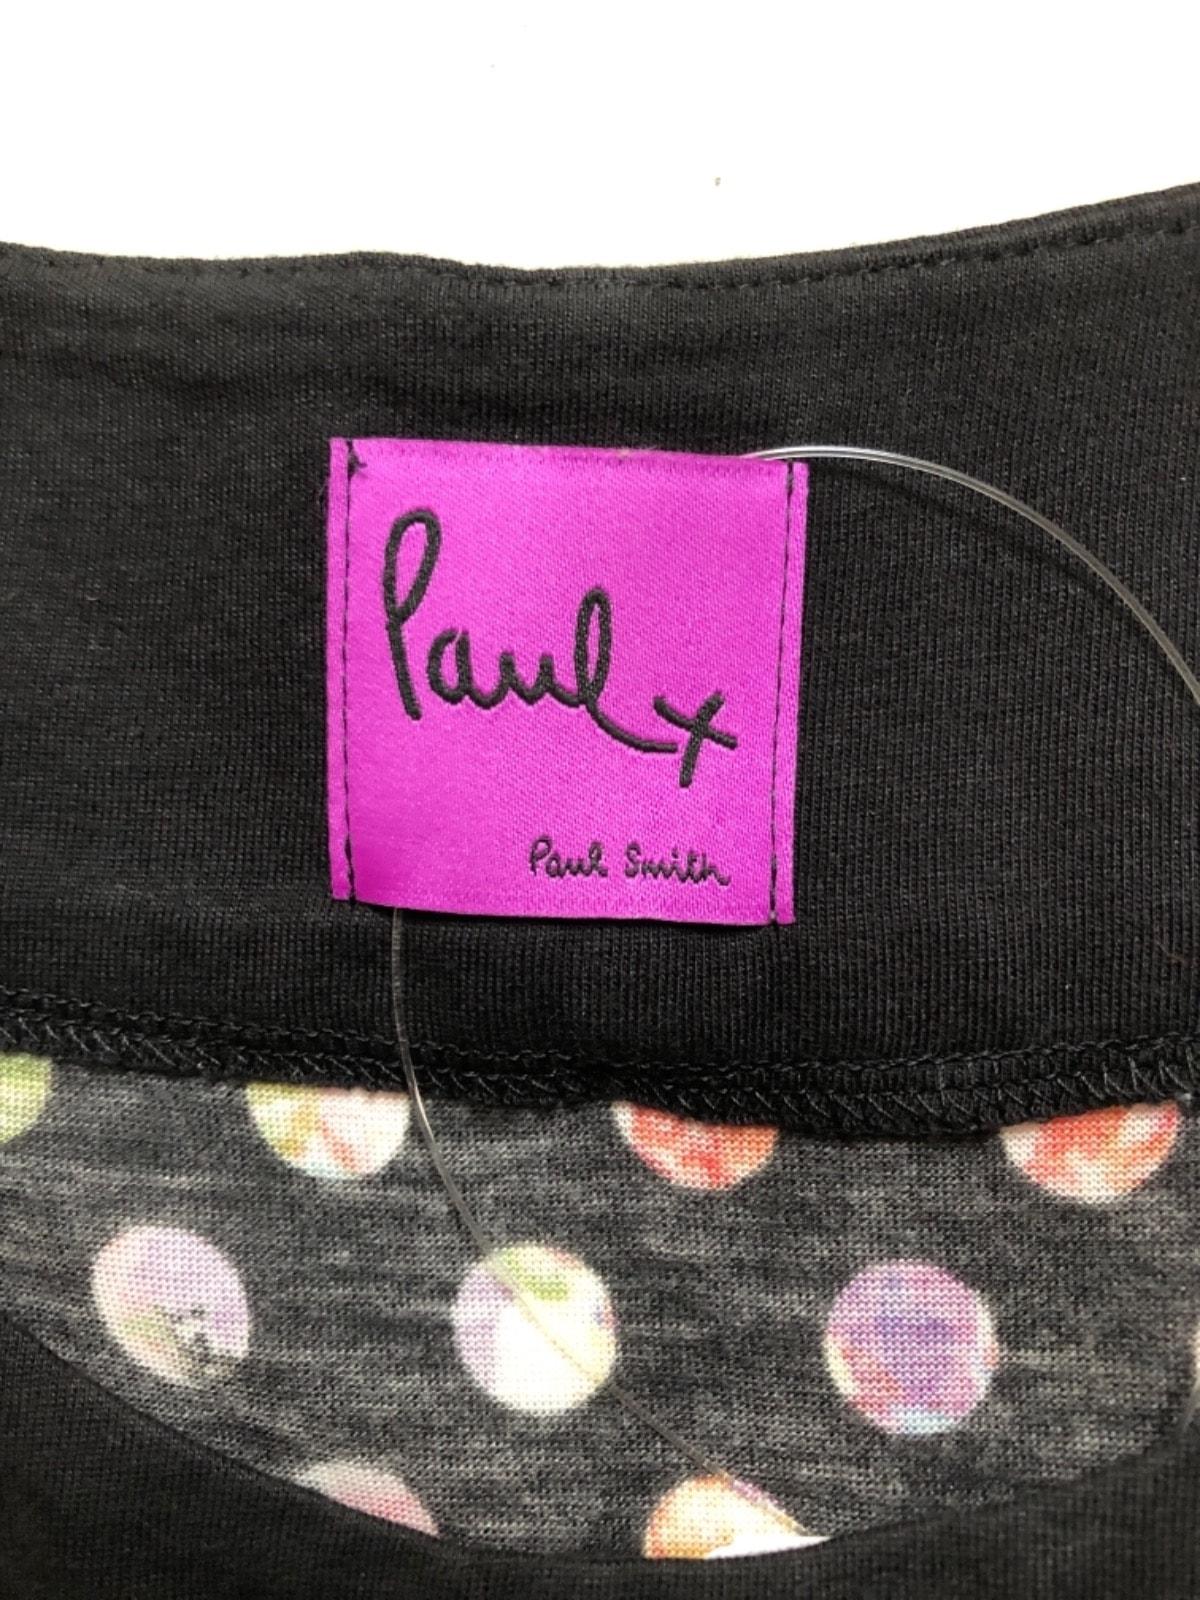 Paul+ PaulSmith(ポールスミスプラス)のワンピース